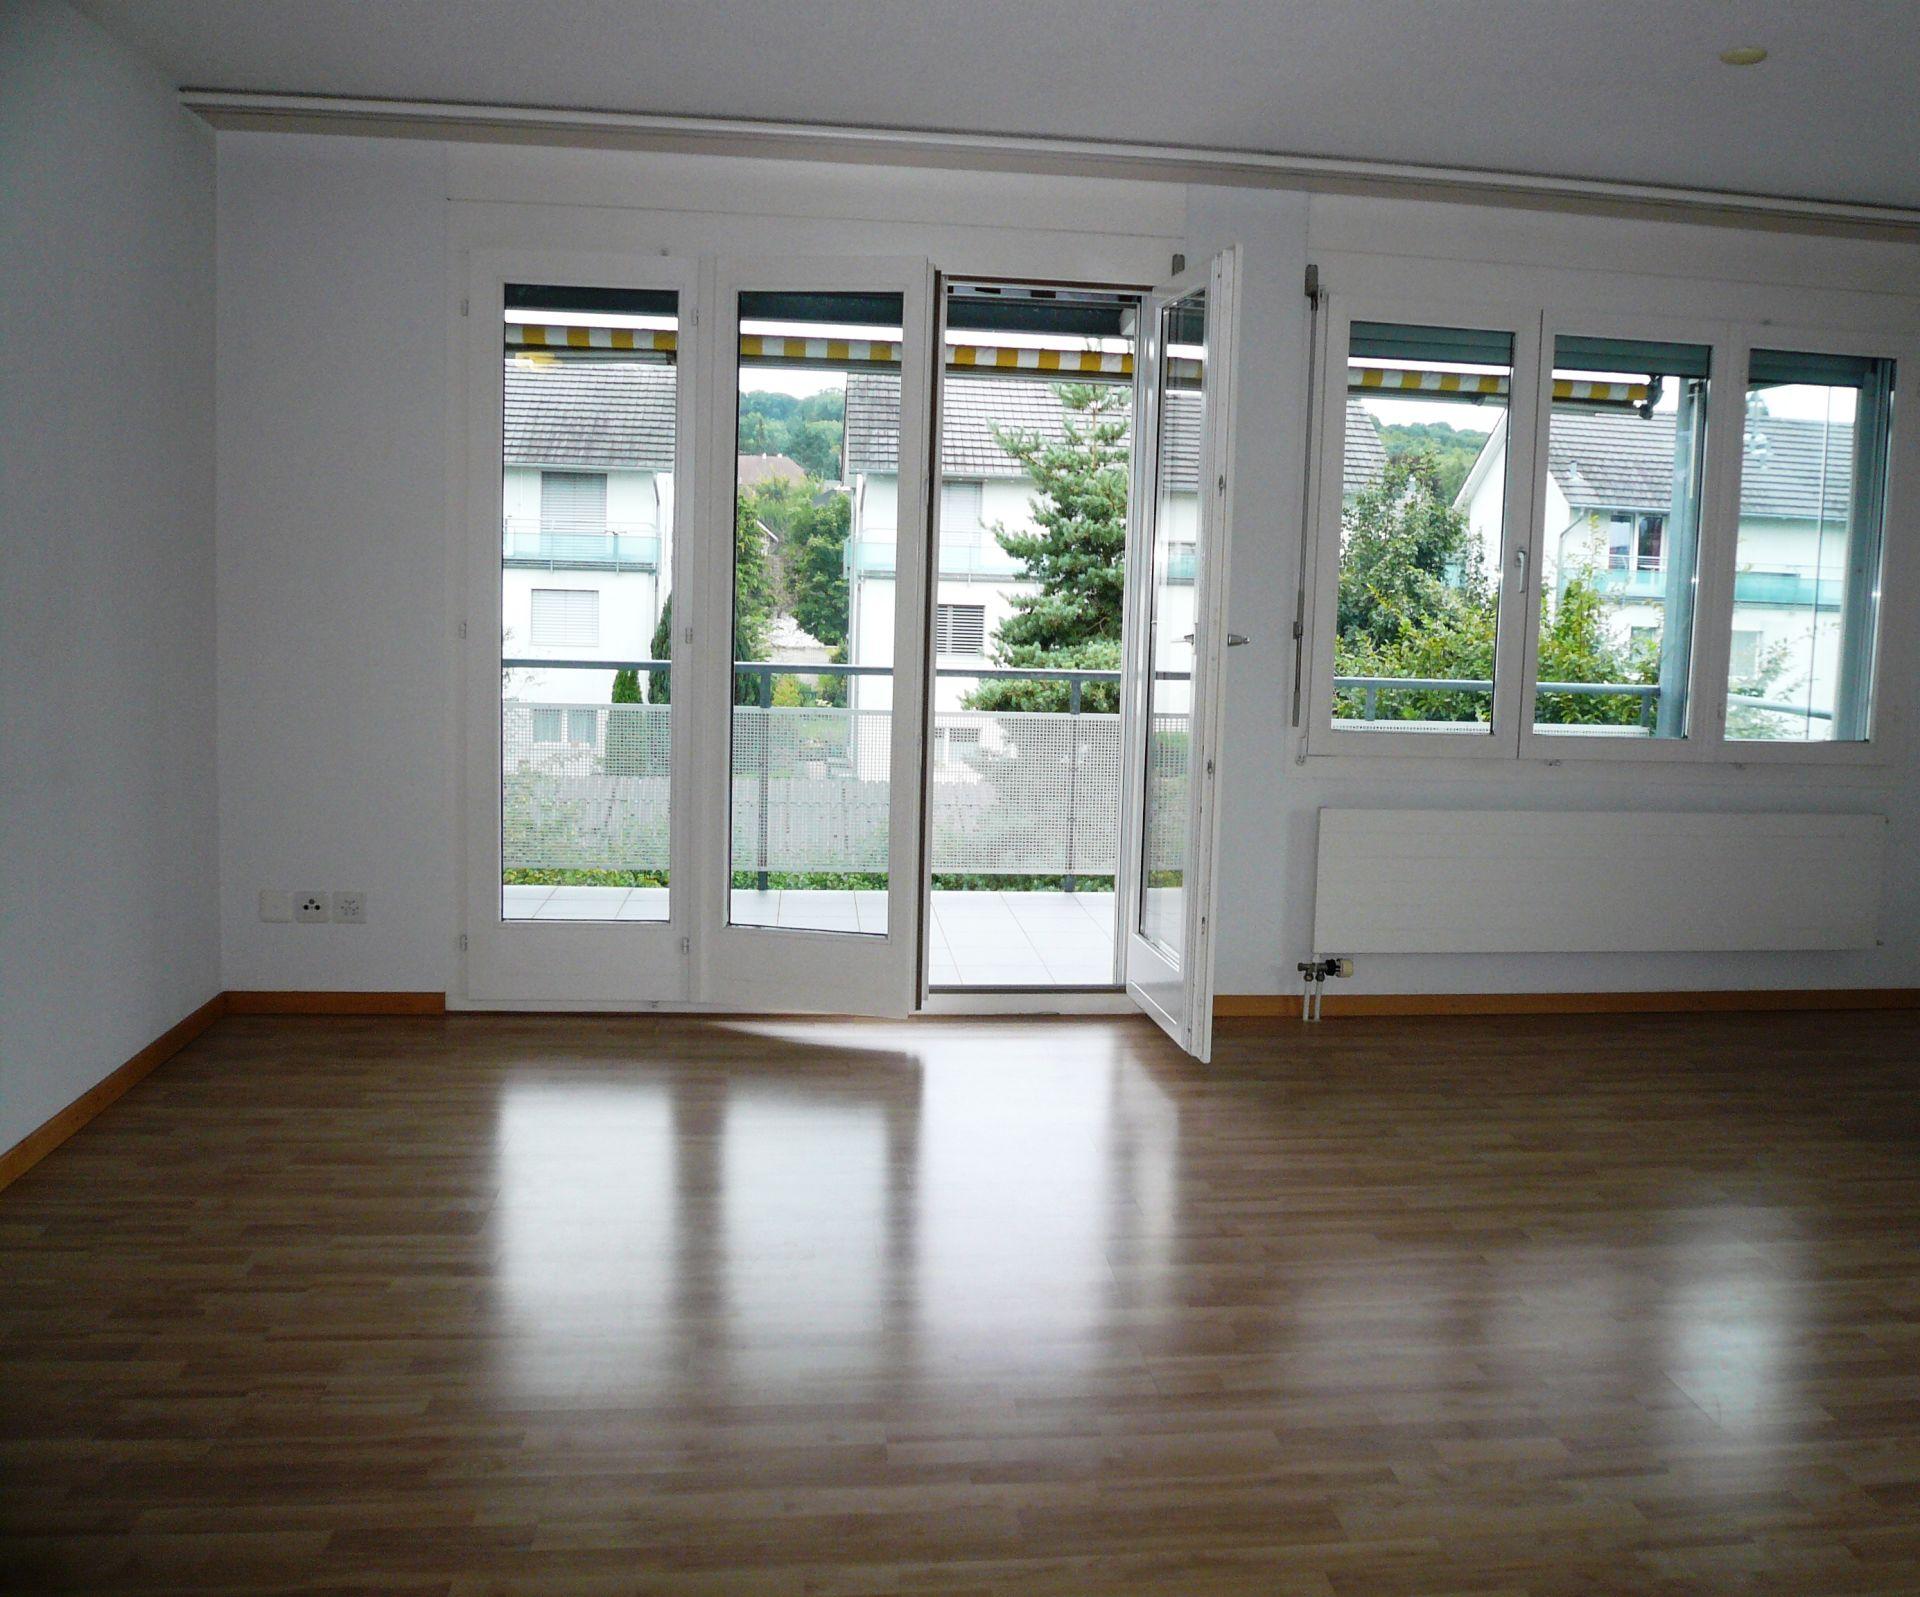 Kauf: Lichtdurchflutete Wohnung